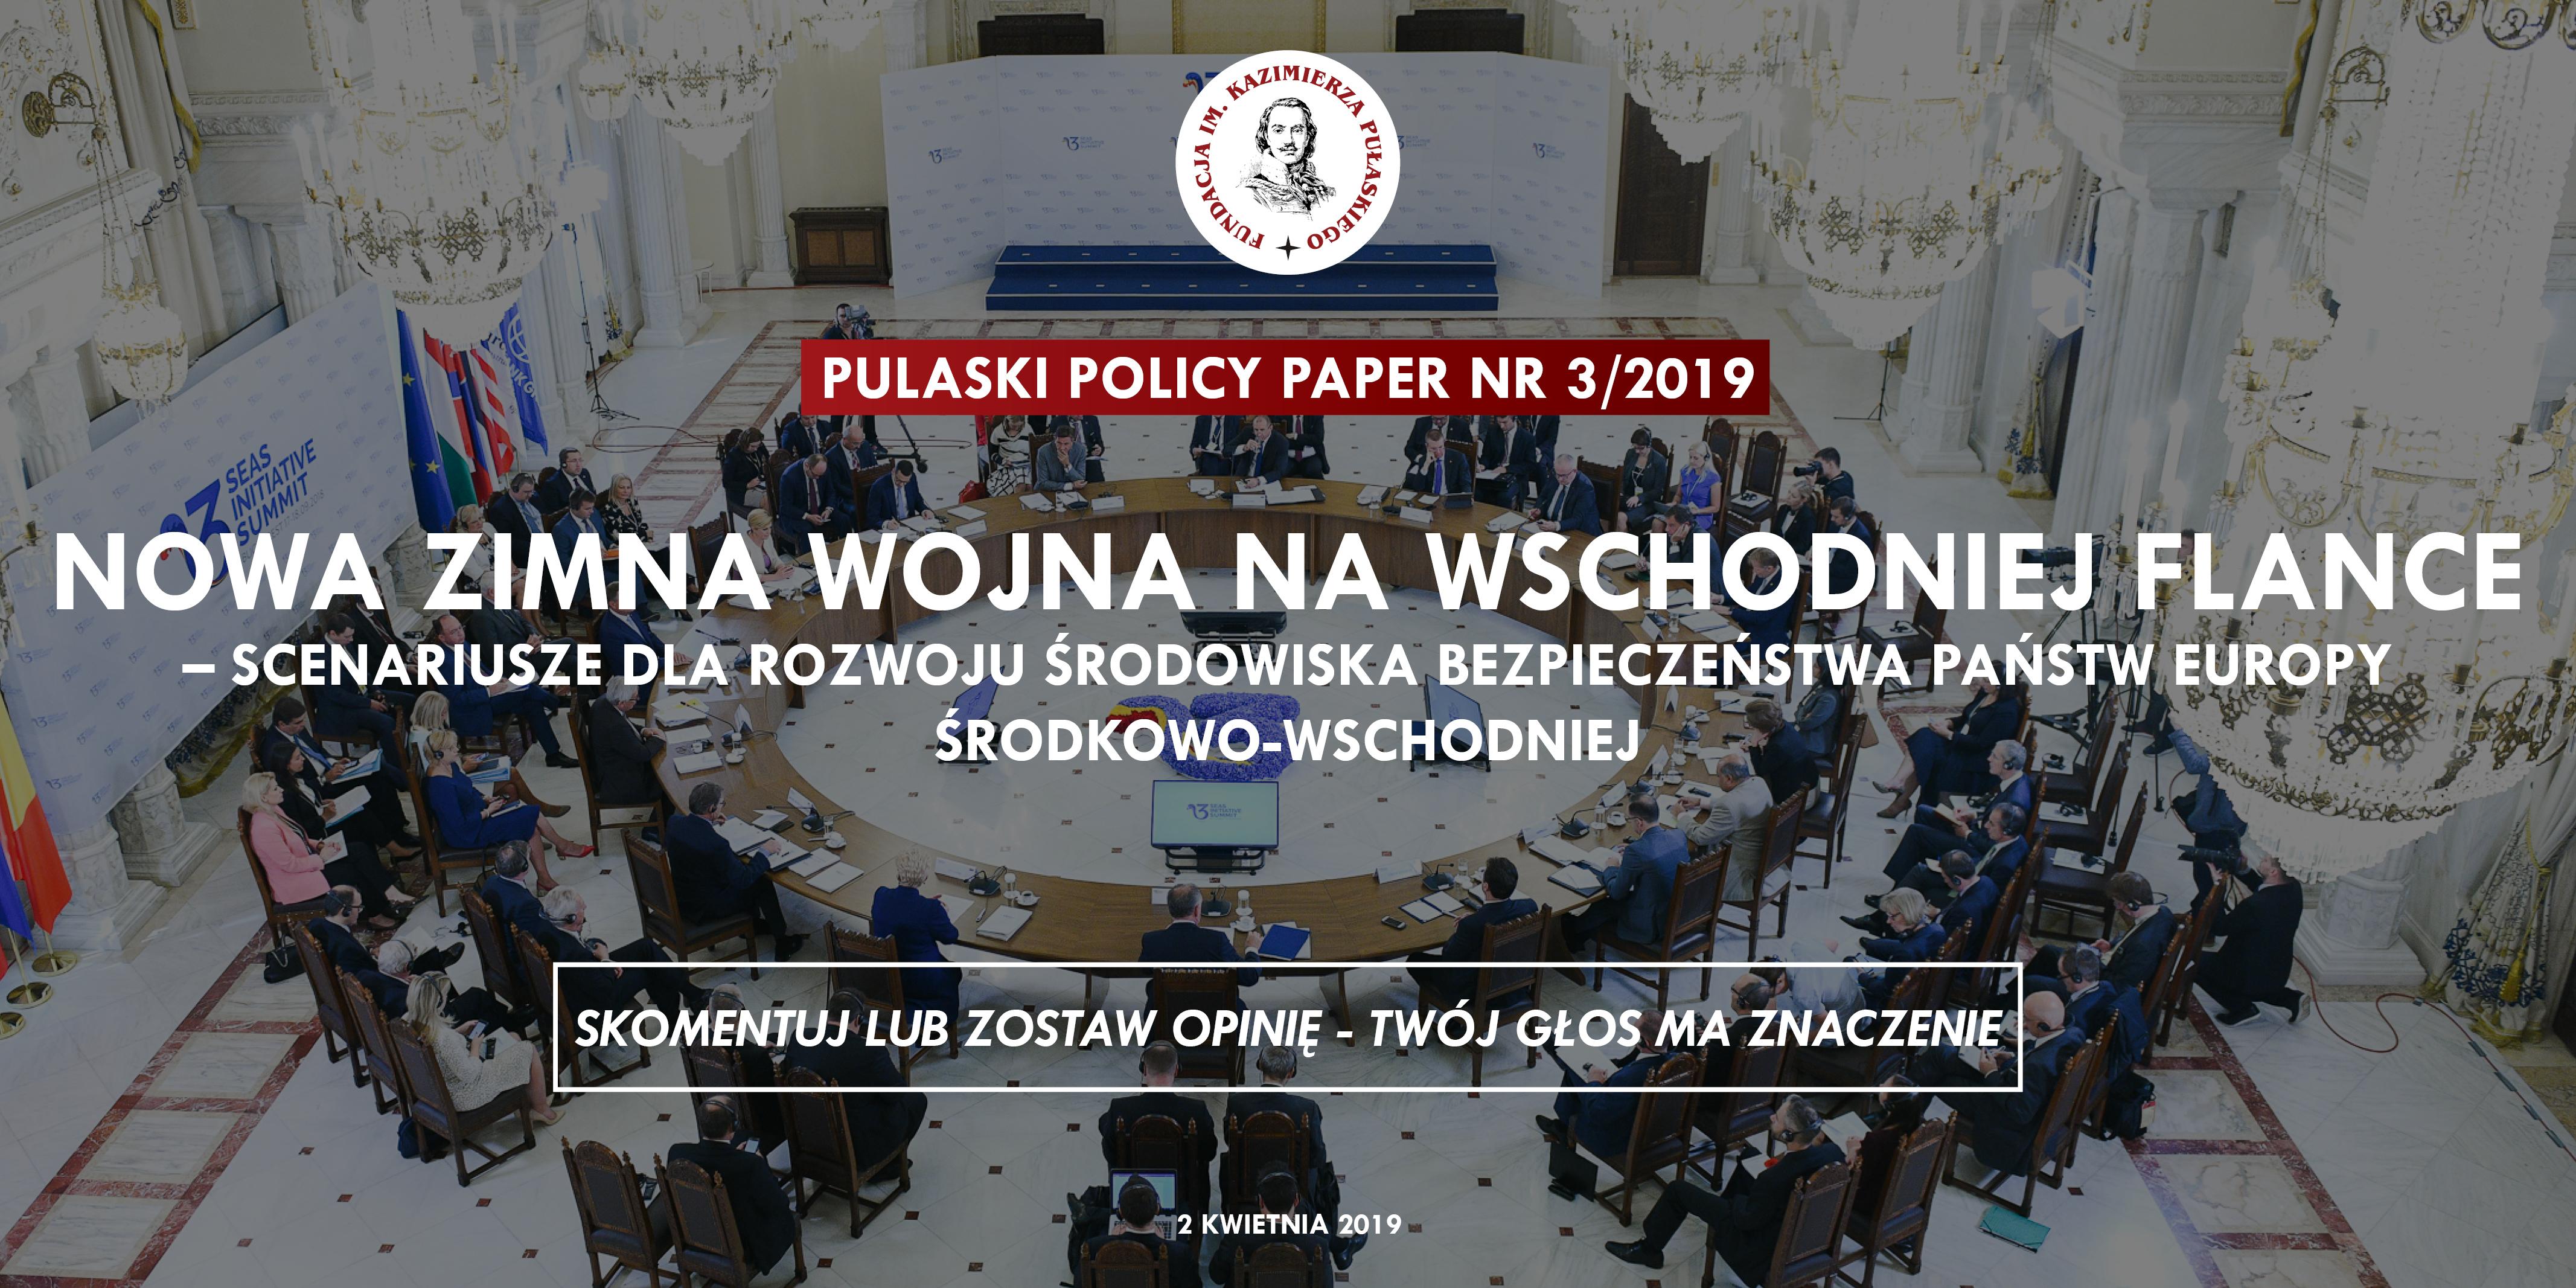 PULASKI POLICY PAPER – S.Koziej:  Nowa zimna wojna nawschodniej flance – scenariusze dla rozwoju środowiska bezpieczeństwa państw Europy Środkowo-Wschodniej